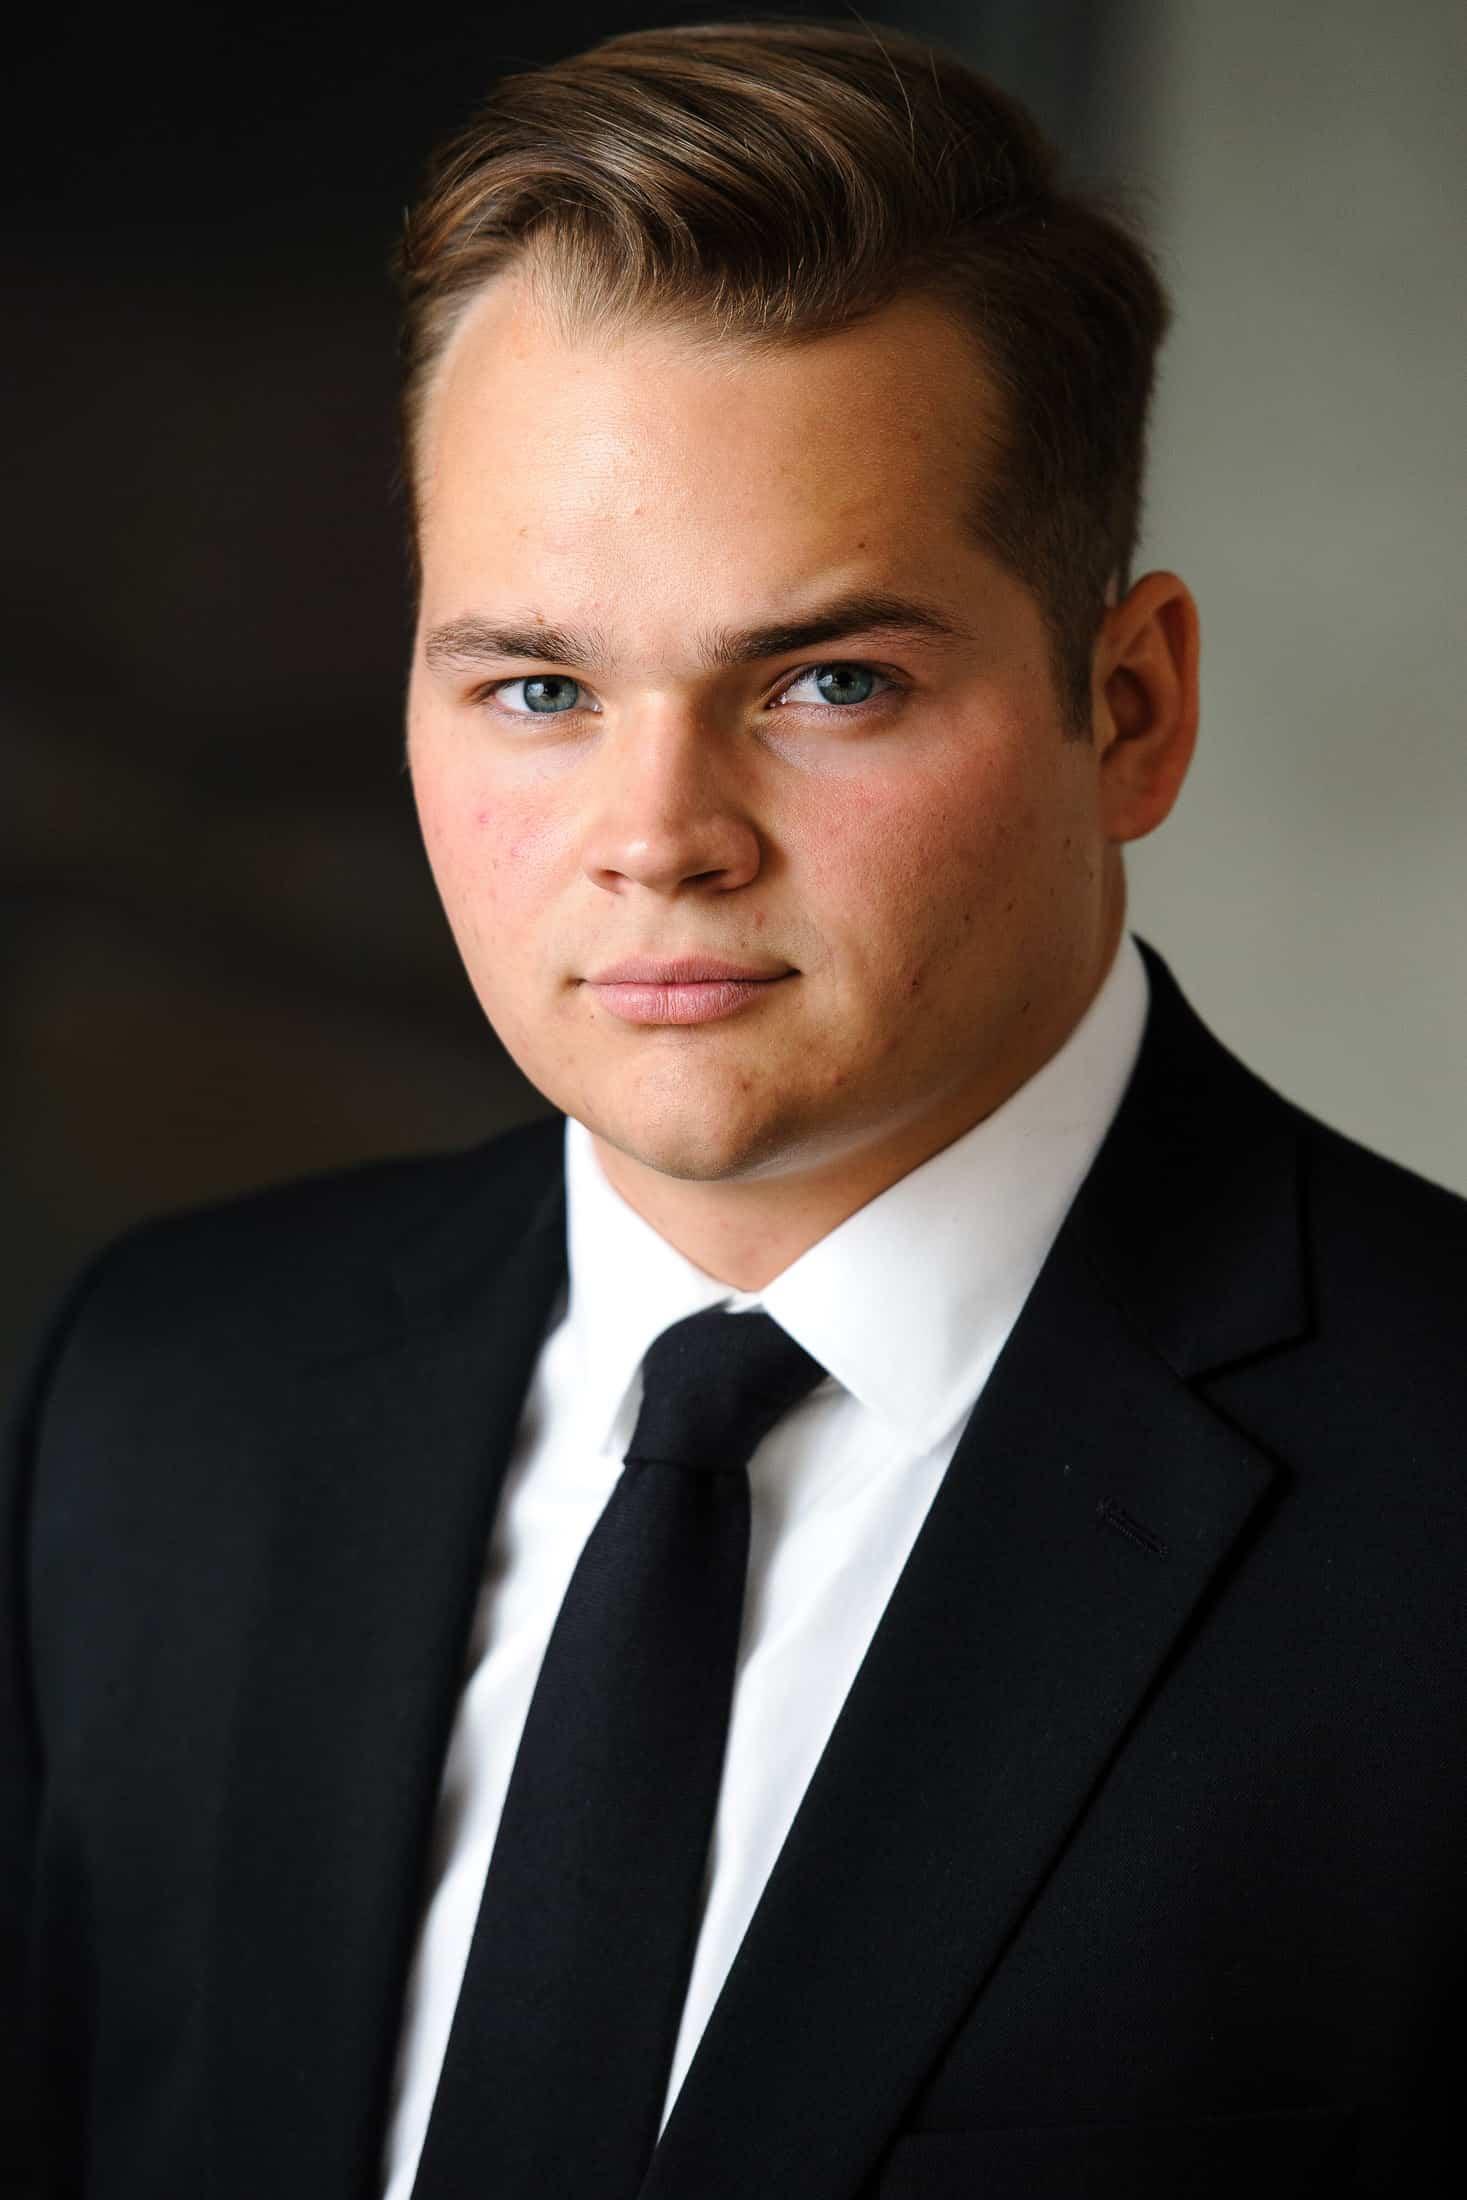 Headshots NYC - Actor Headshots Jake L